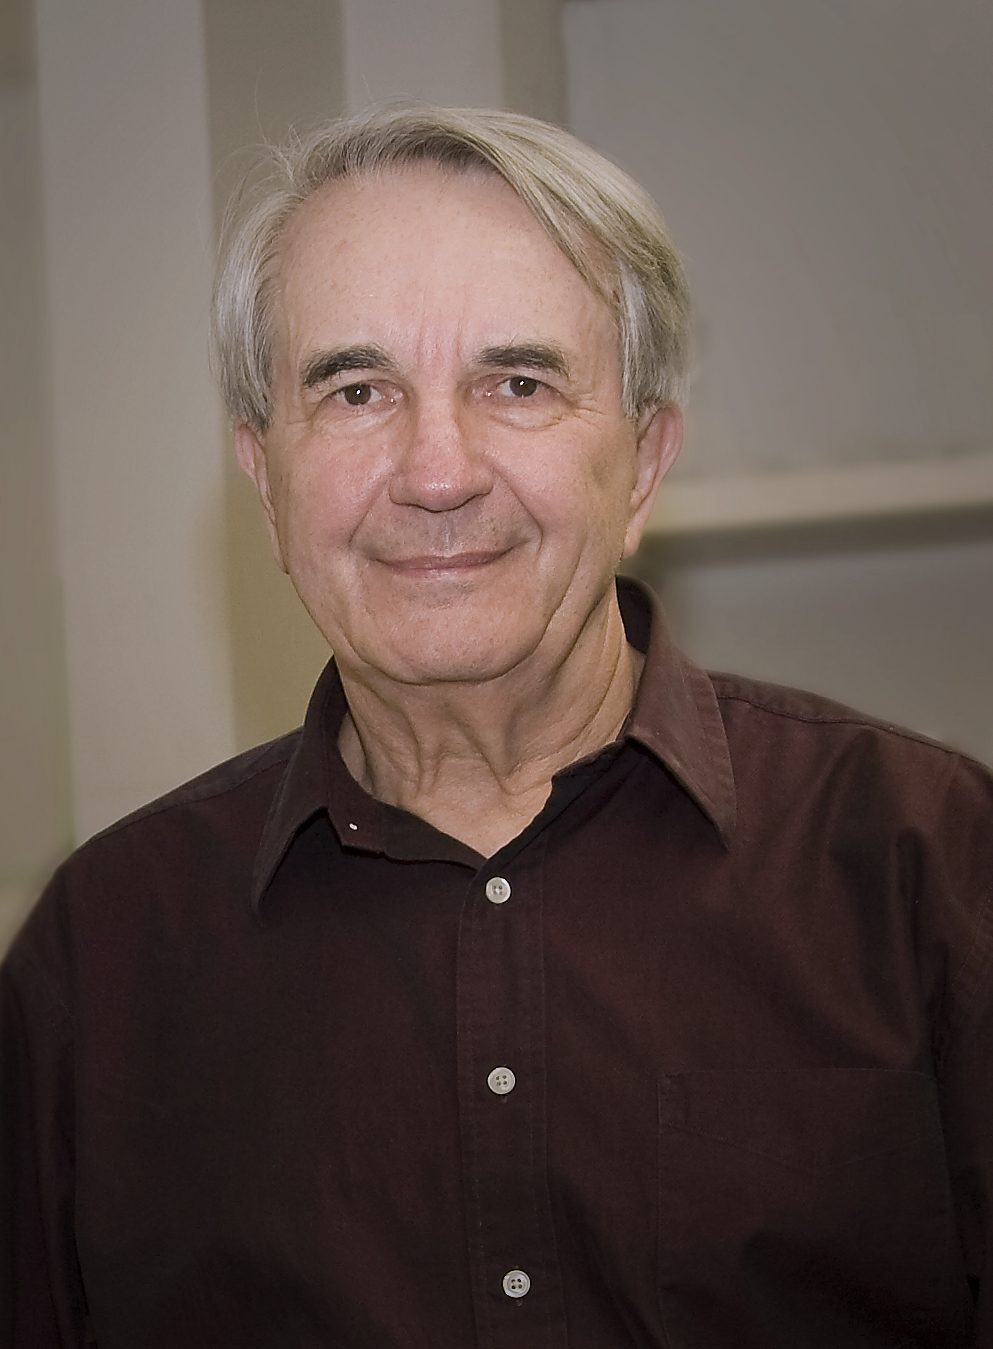 Jindrich Kopecek